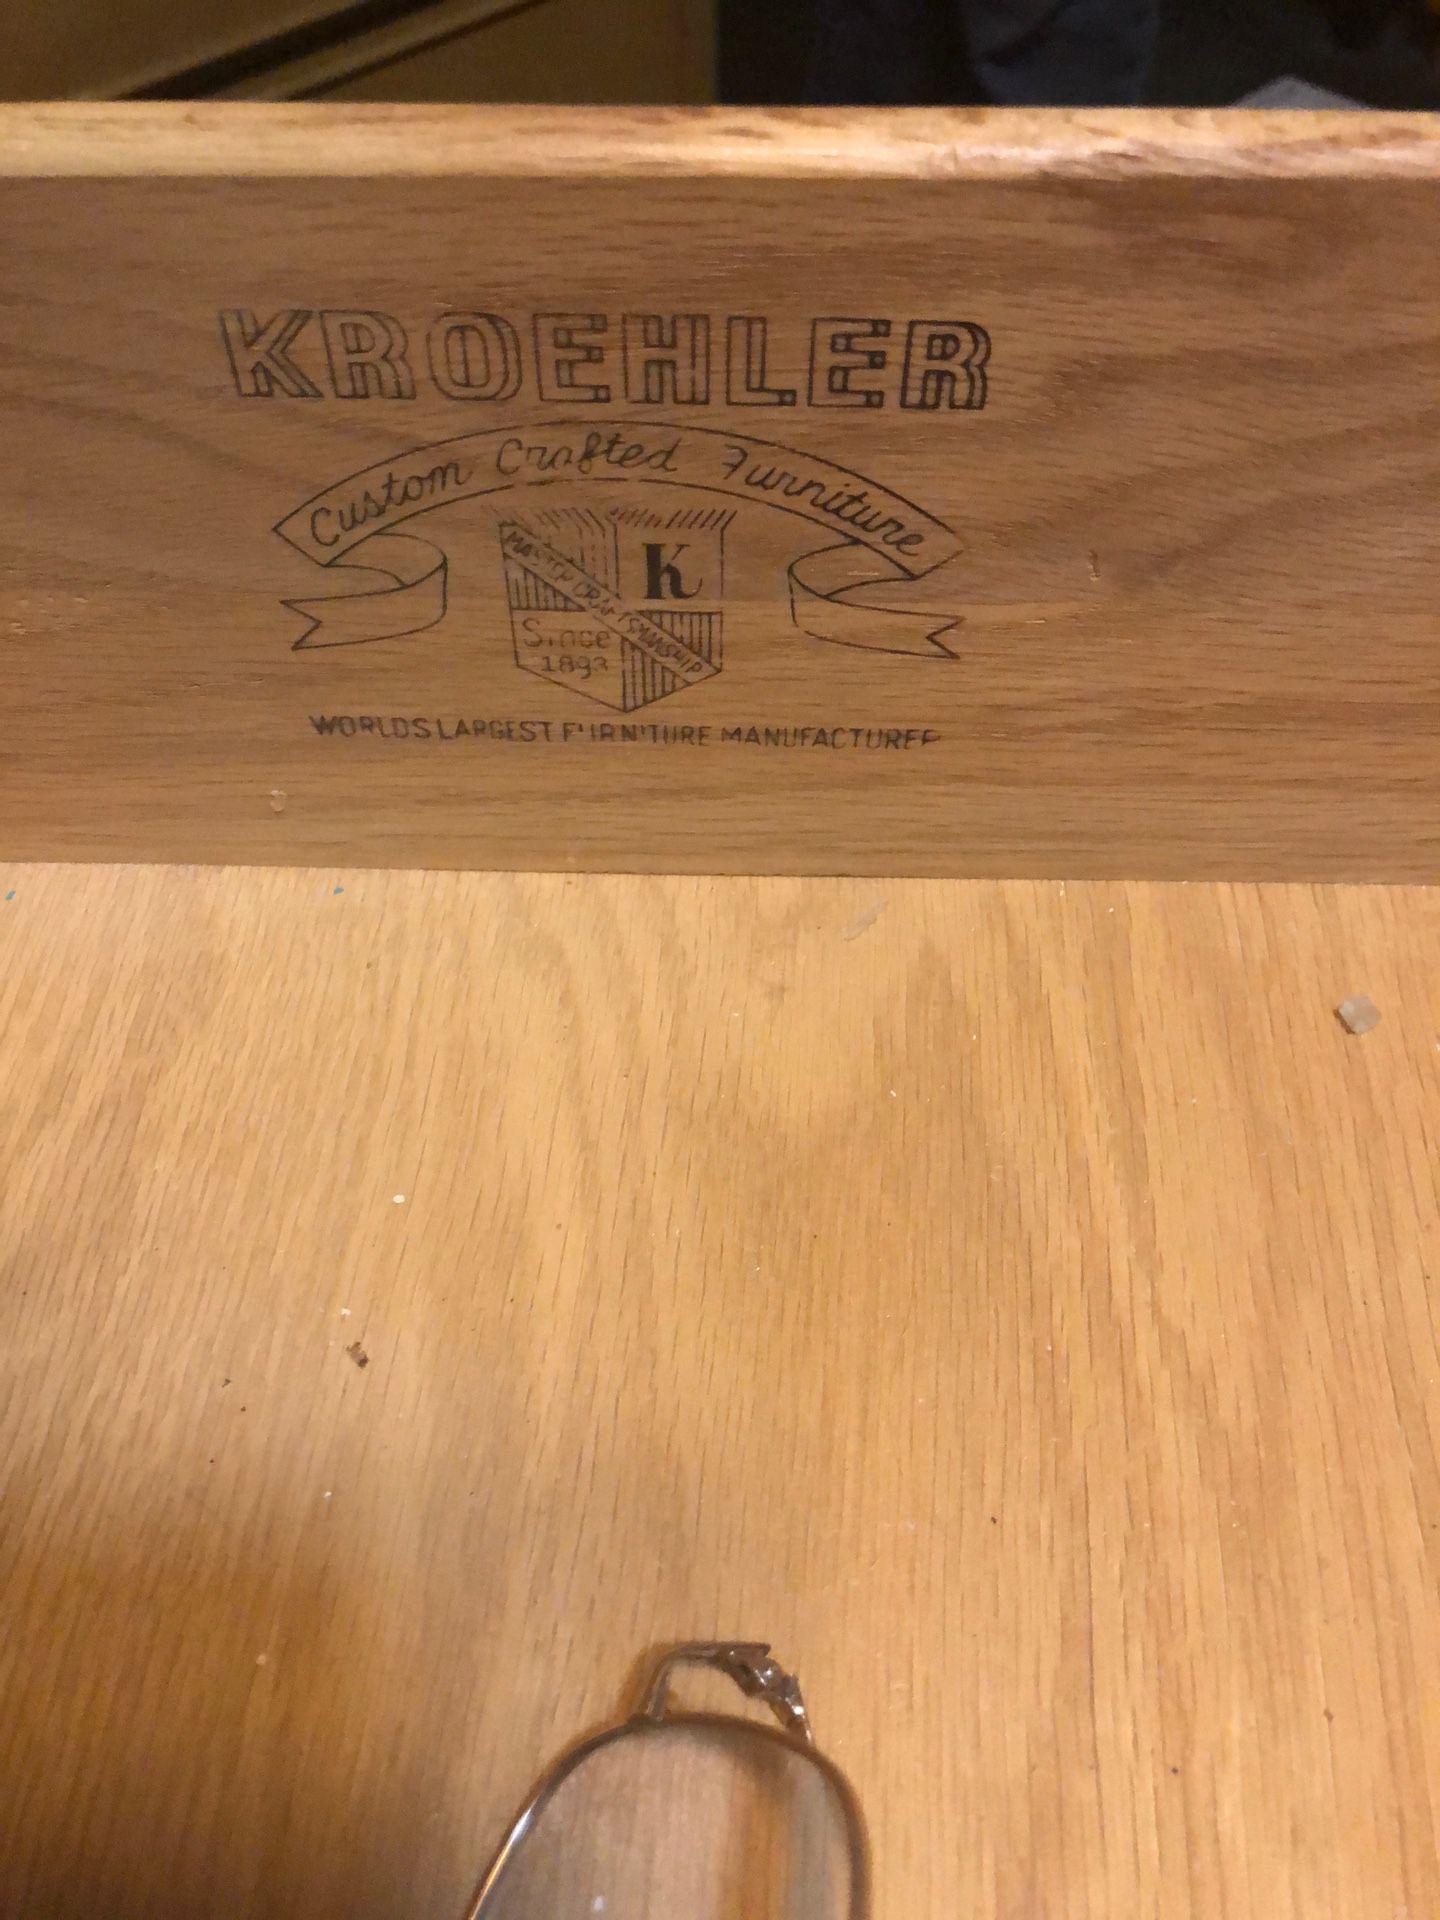 I950's bedroom set, Kroehler